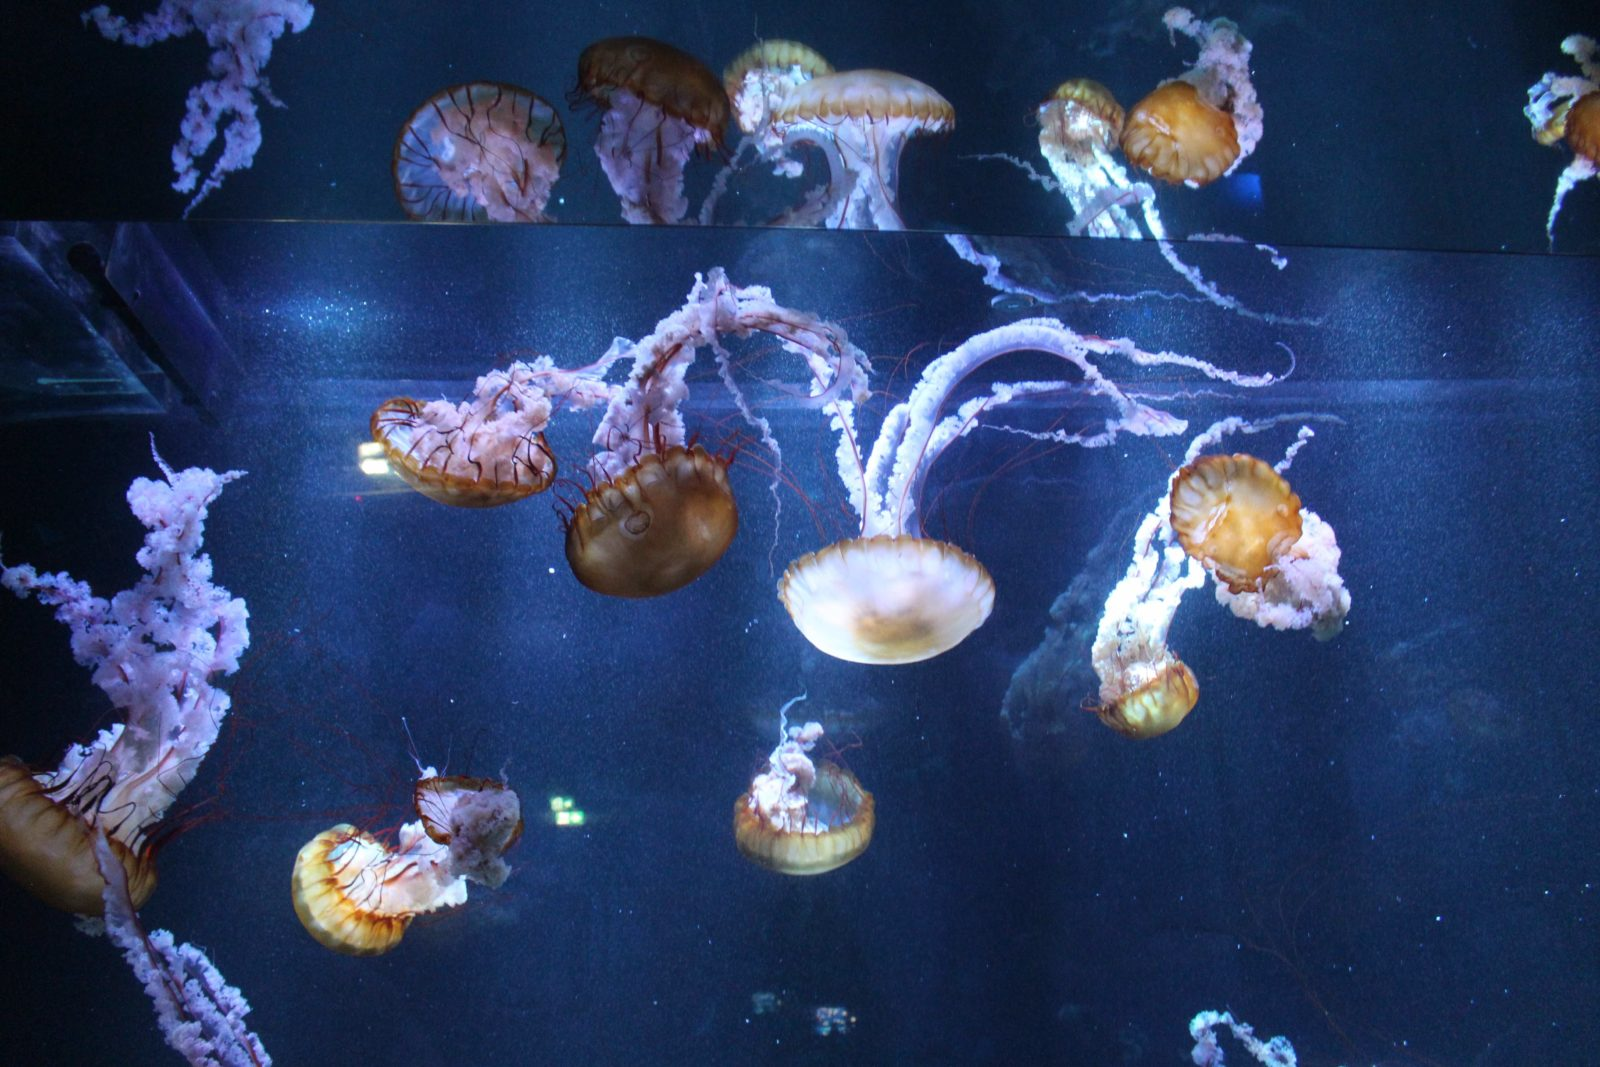 Nausicaa Boulogne-sur-Mer méduses